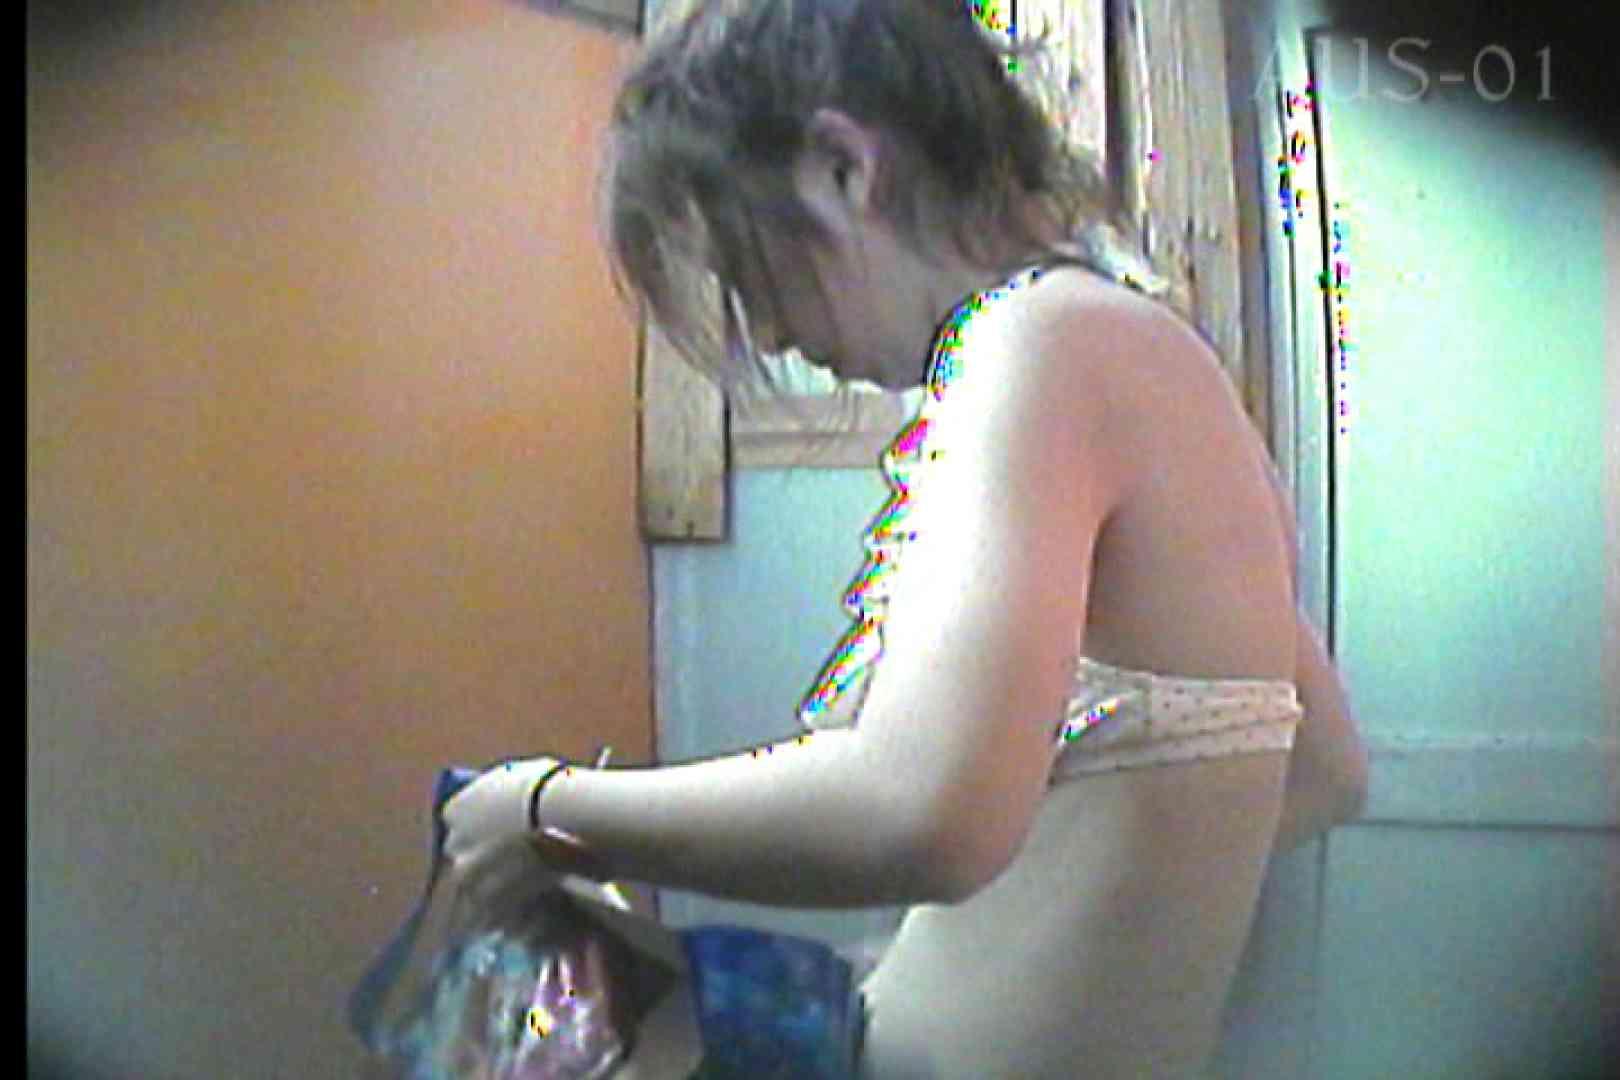 海の家の更衣室 Vol.04 シャワー ヌード画像 110枚 34